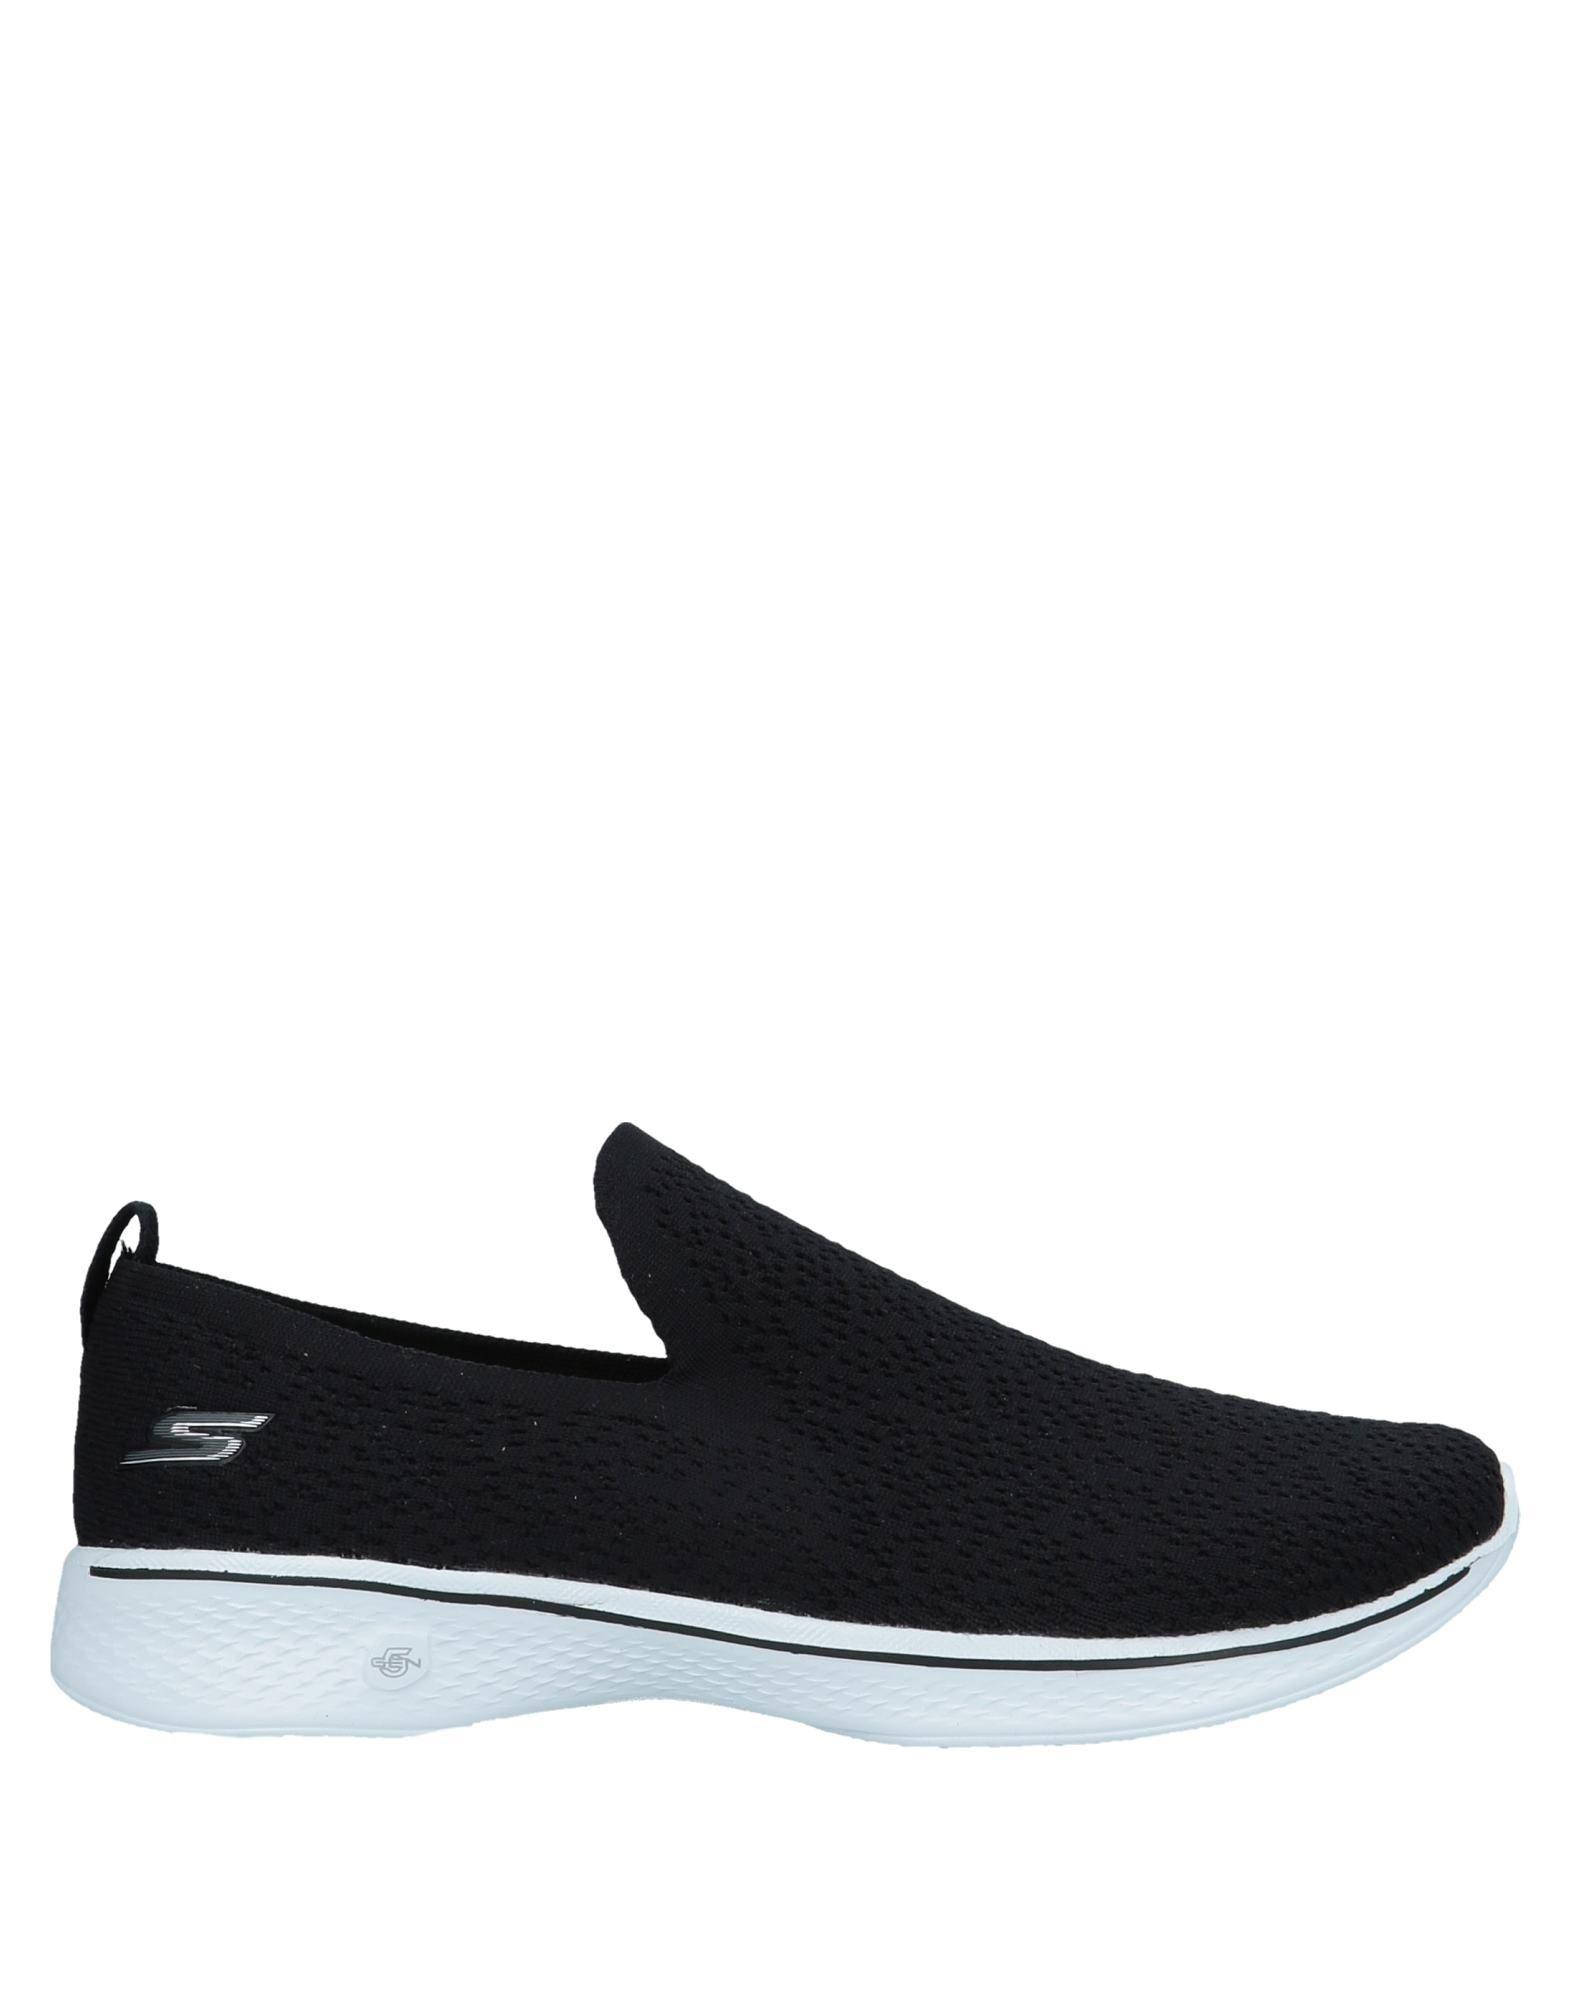 Baskets Skechers Femme - chaussures Baskets Skechers Noir Dernières chaussures - discount pour hommes et femmes 65b8aa